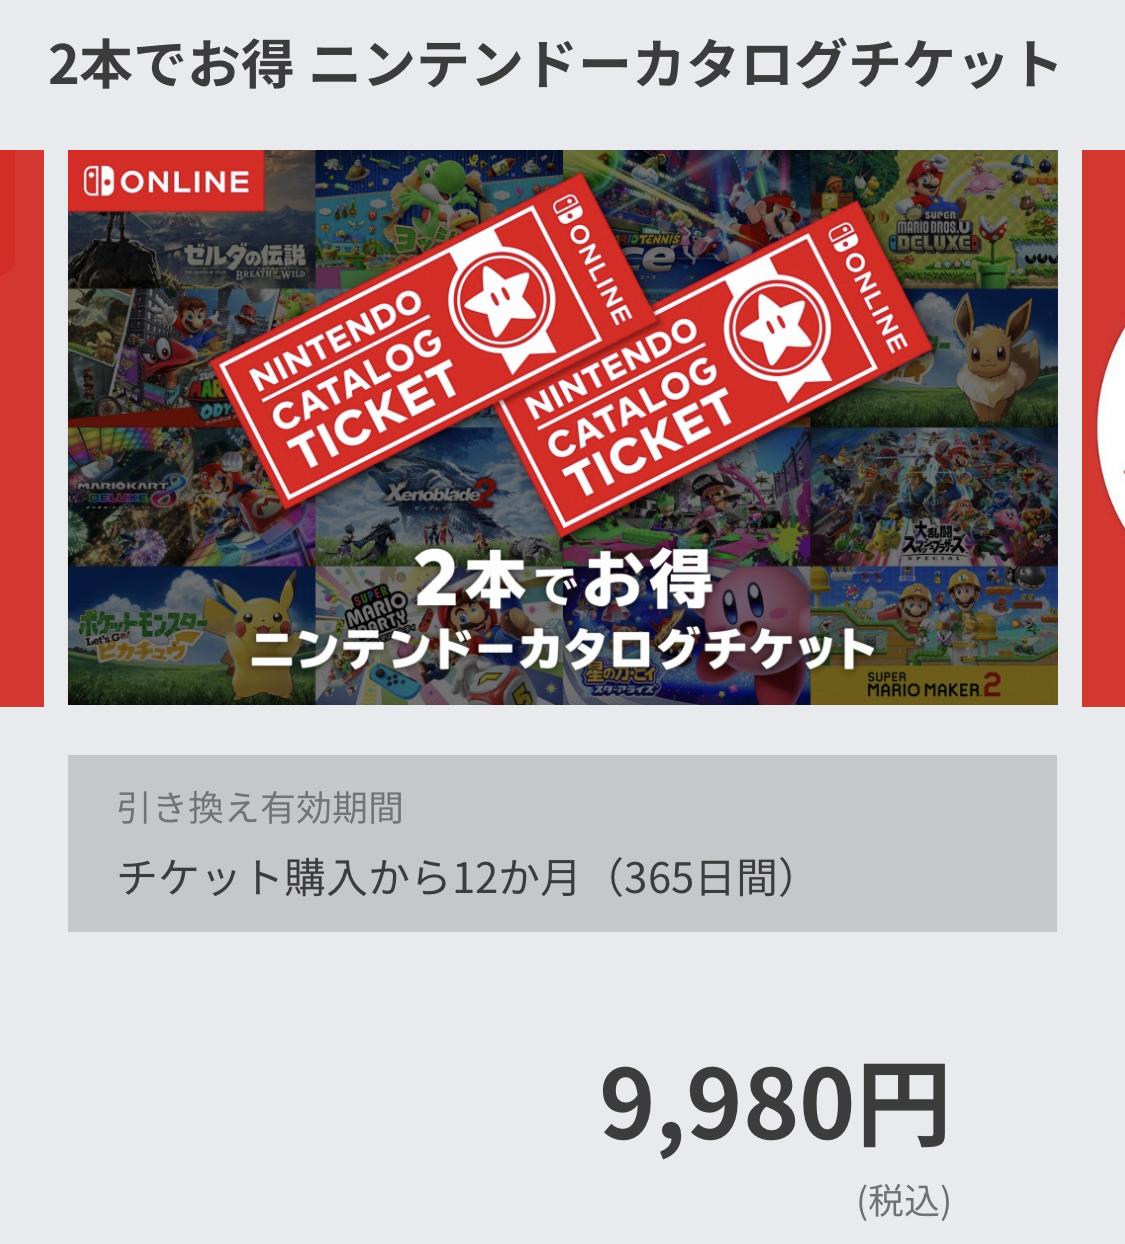 YPOwNHx - 【朗報】ニンテンドーカタログチケット強過ぎる